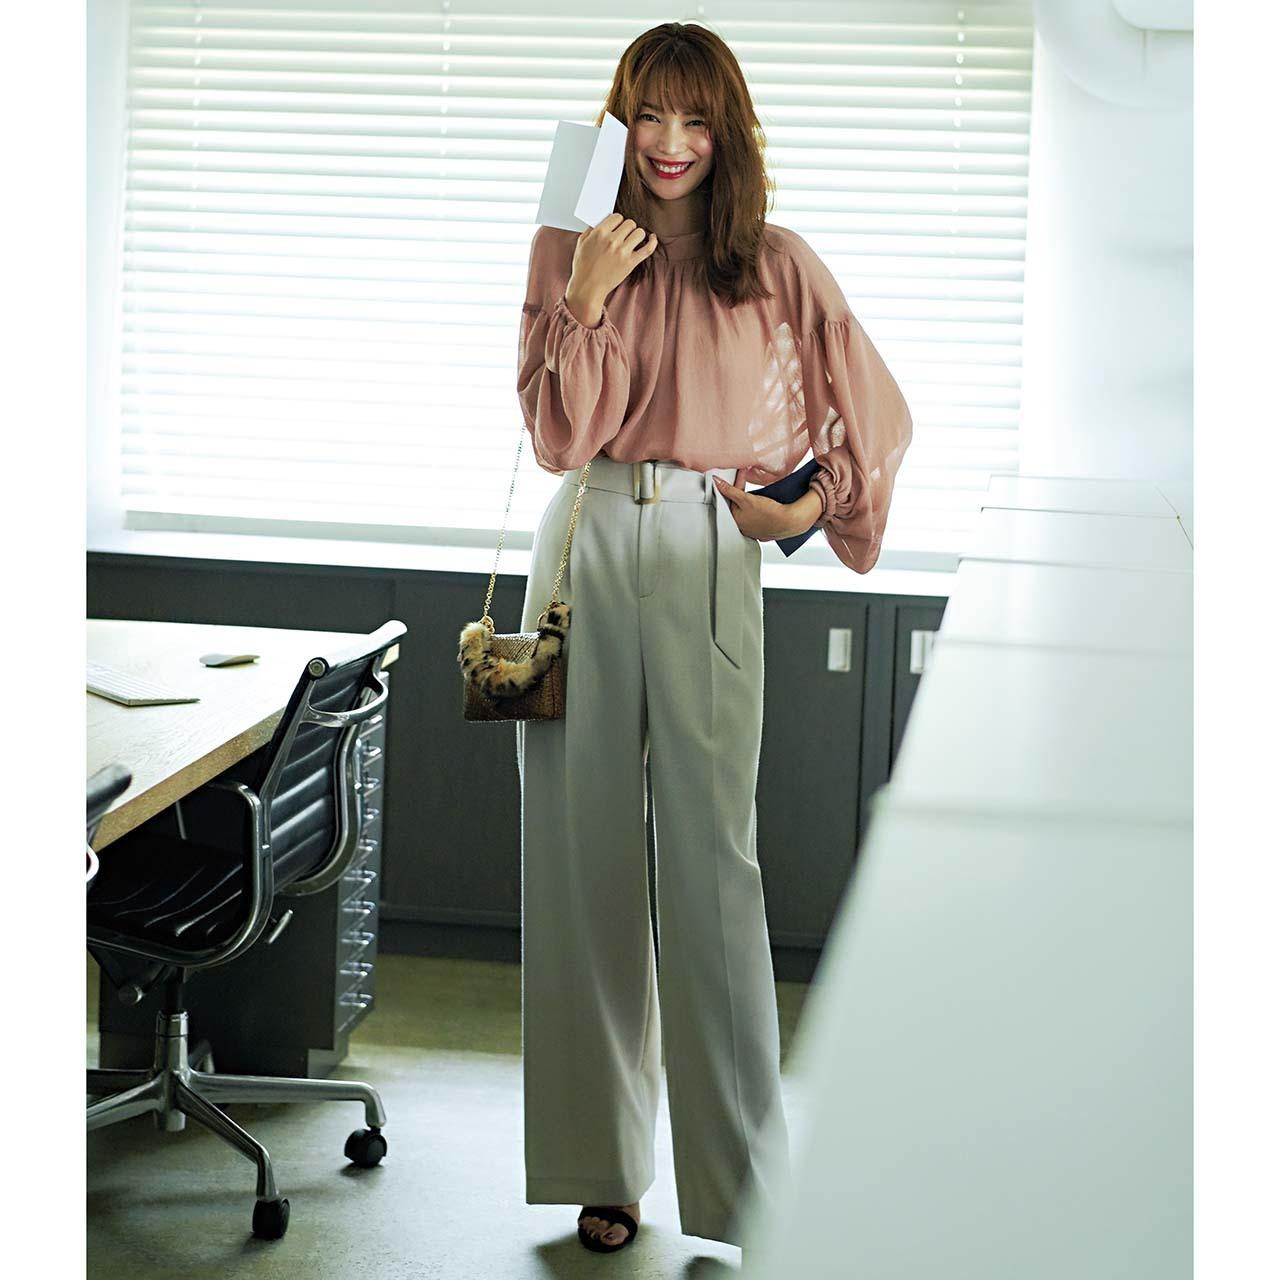 ピンクブラウス×腰高ワイドパンツのファッションコーデ